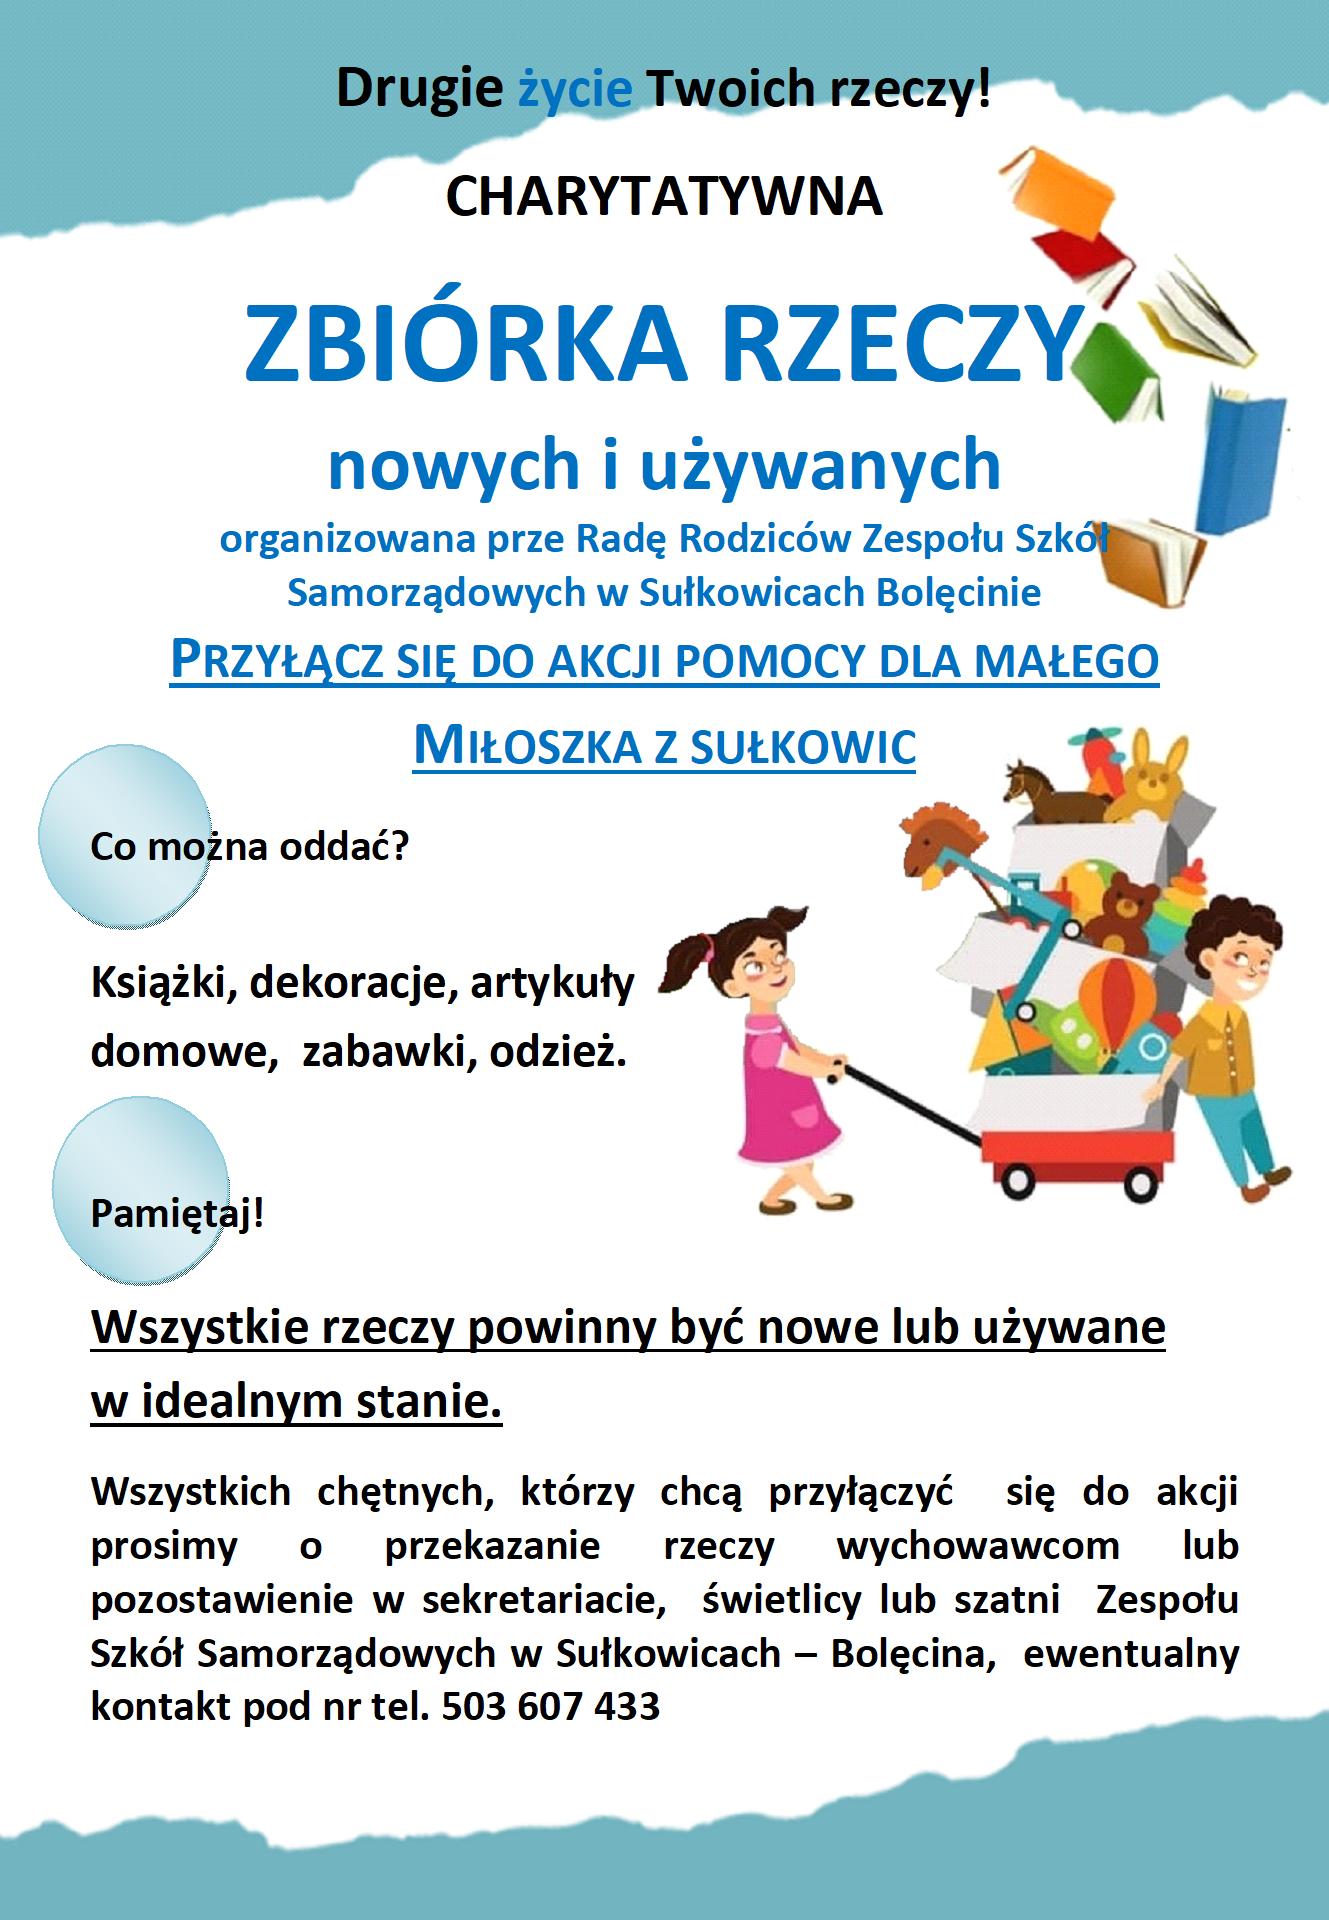 Szkoła ogłasza zbiórkę rzeczy dla Miłoszka z Sułkowic